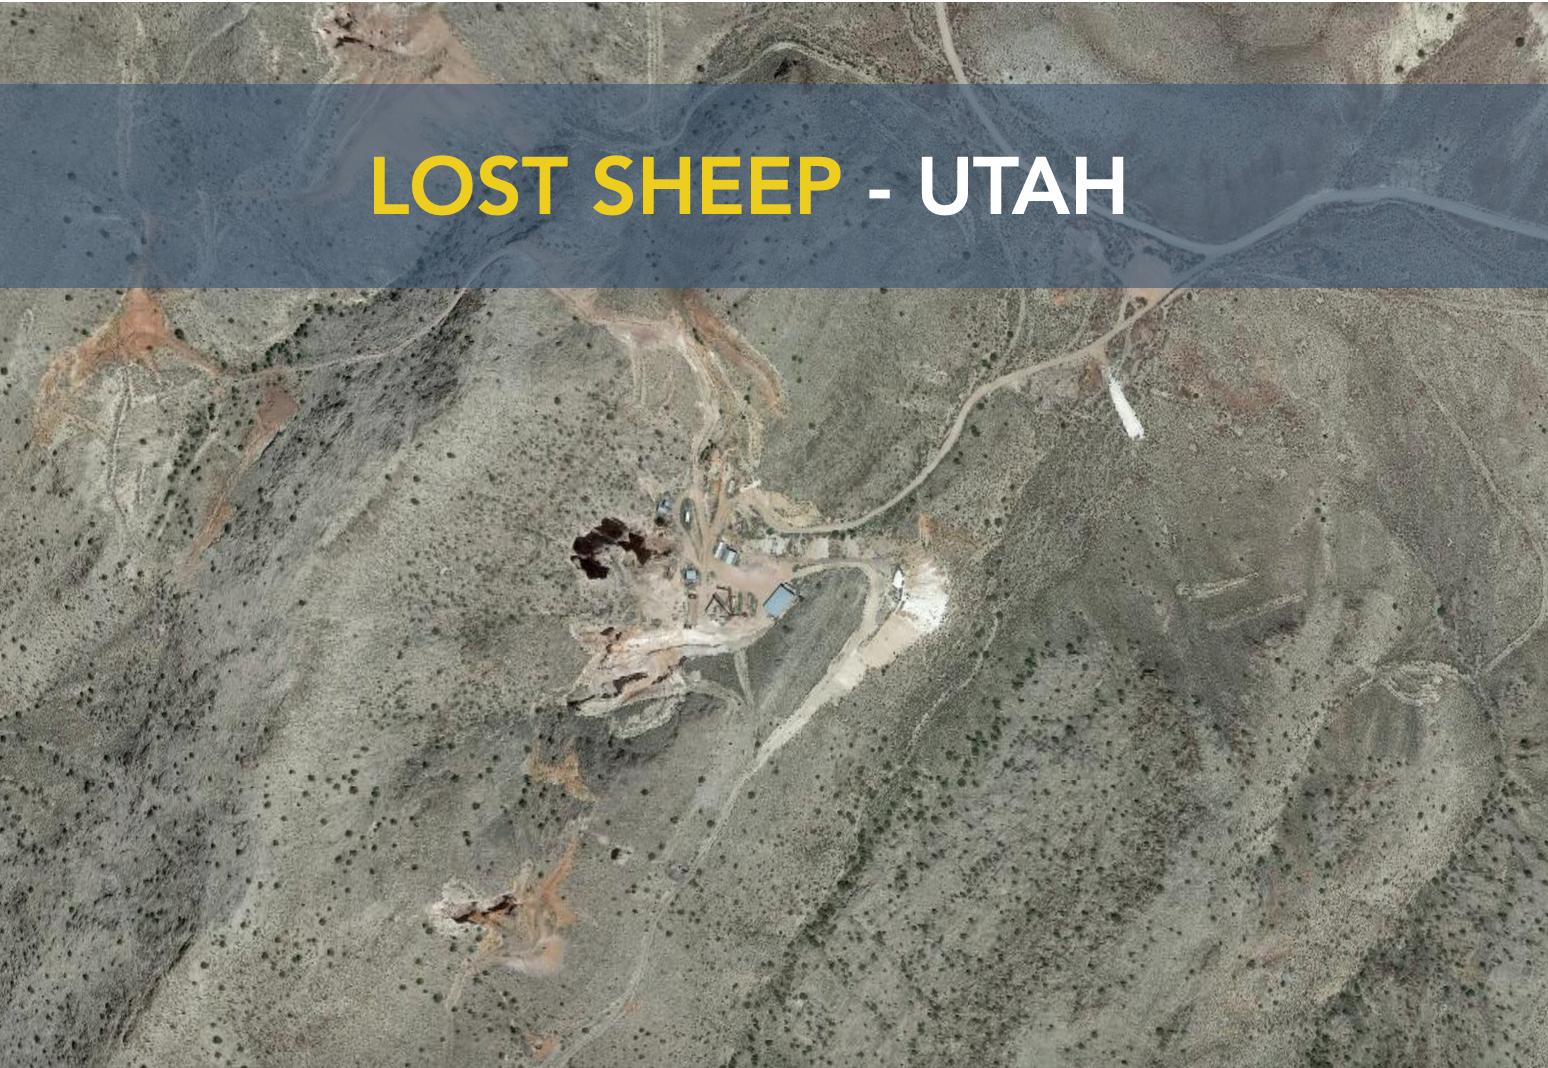 Lost Sheep - Utah